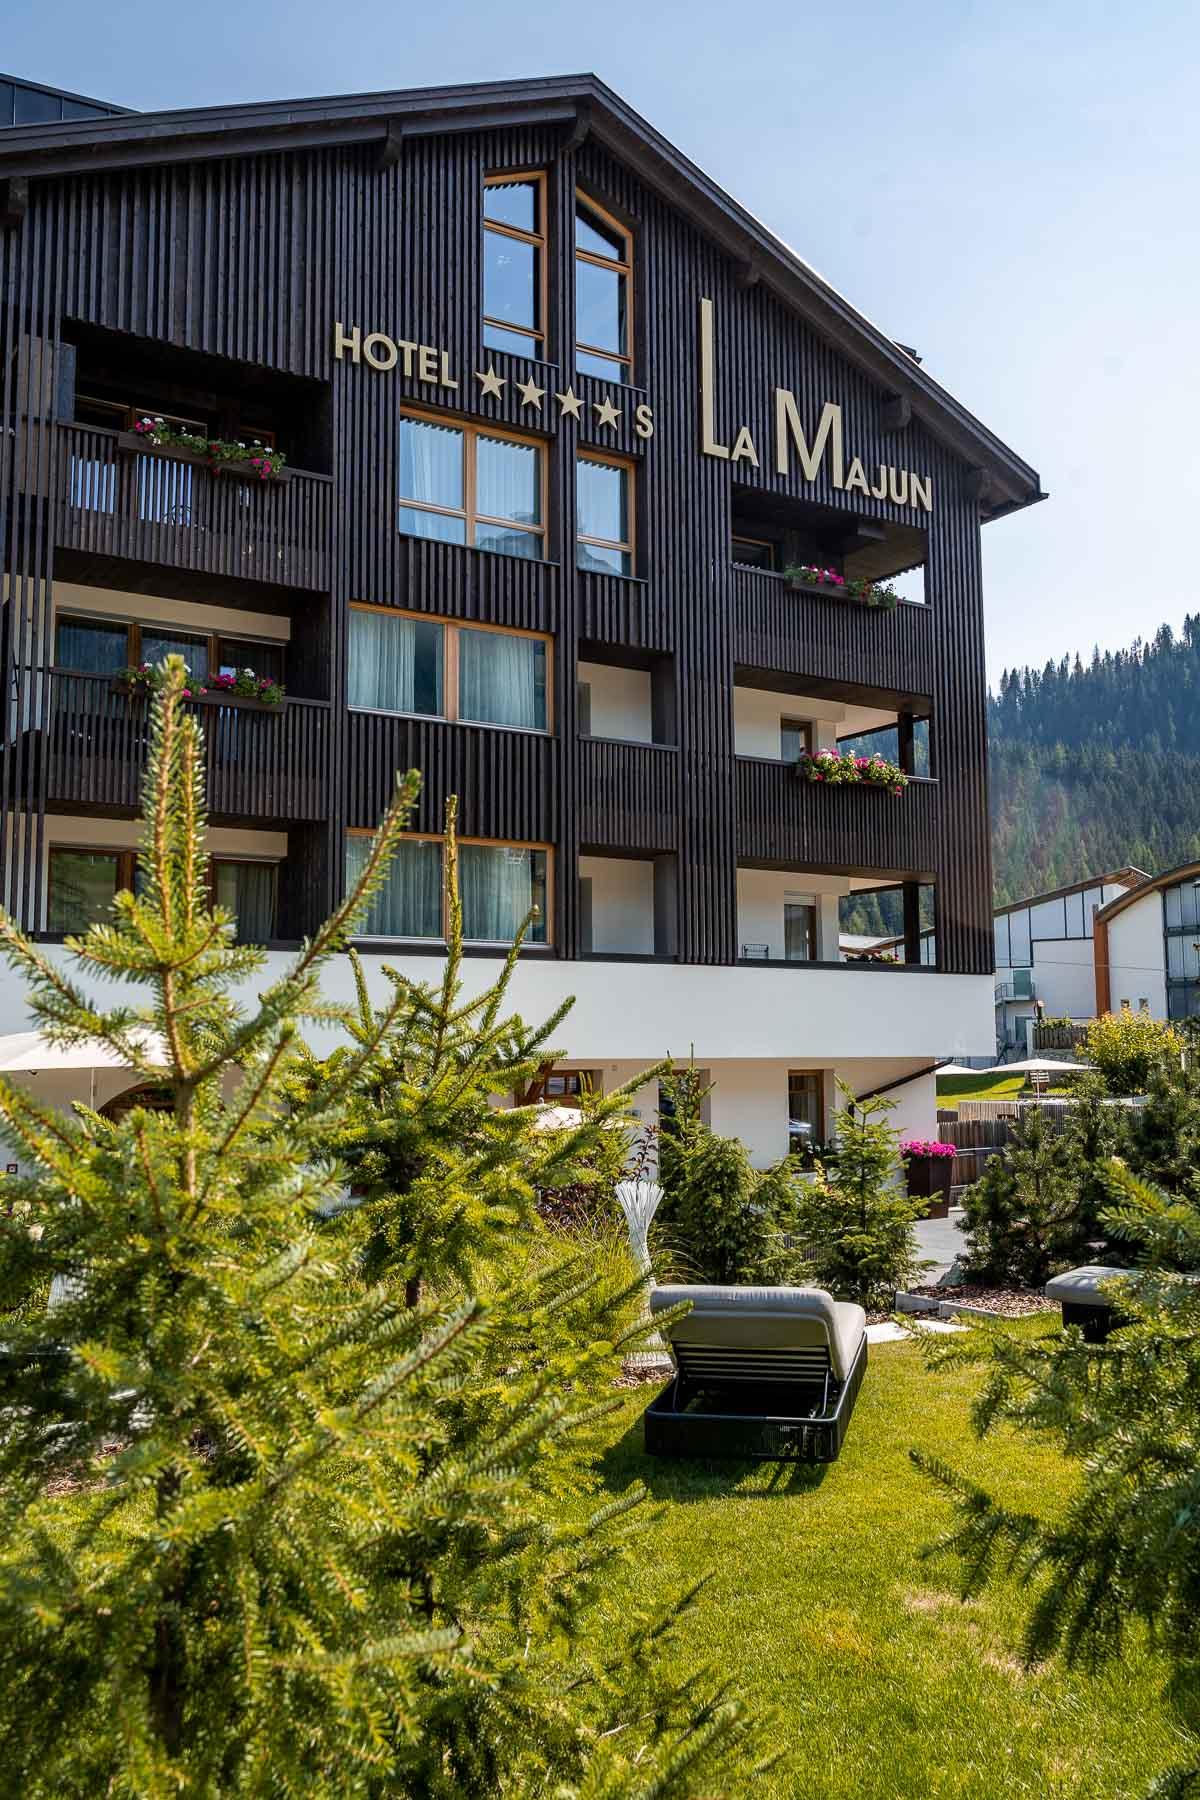 Hotel La Majun, an amazing hotel in La Villa in the Dolomites